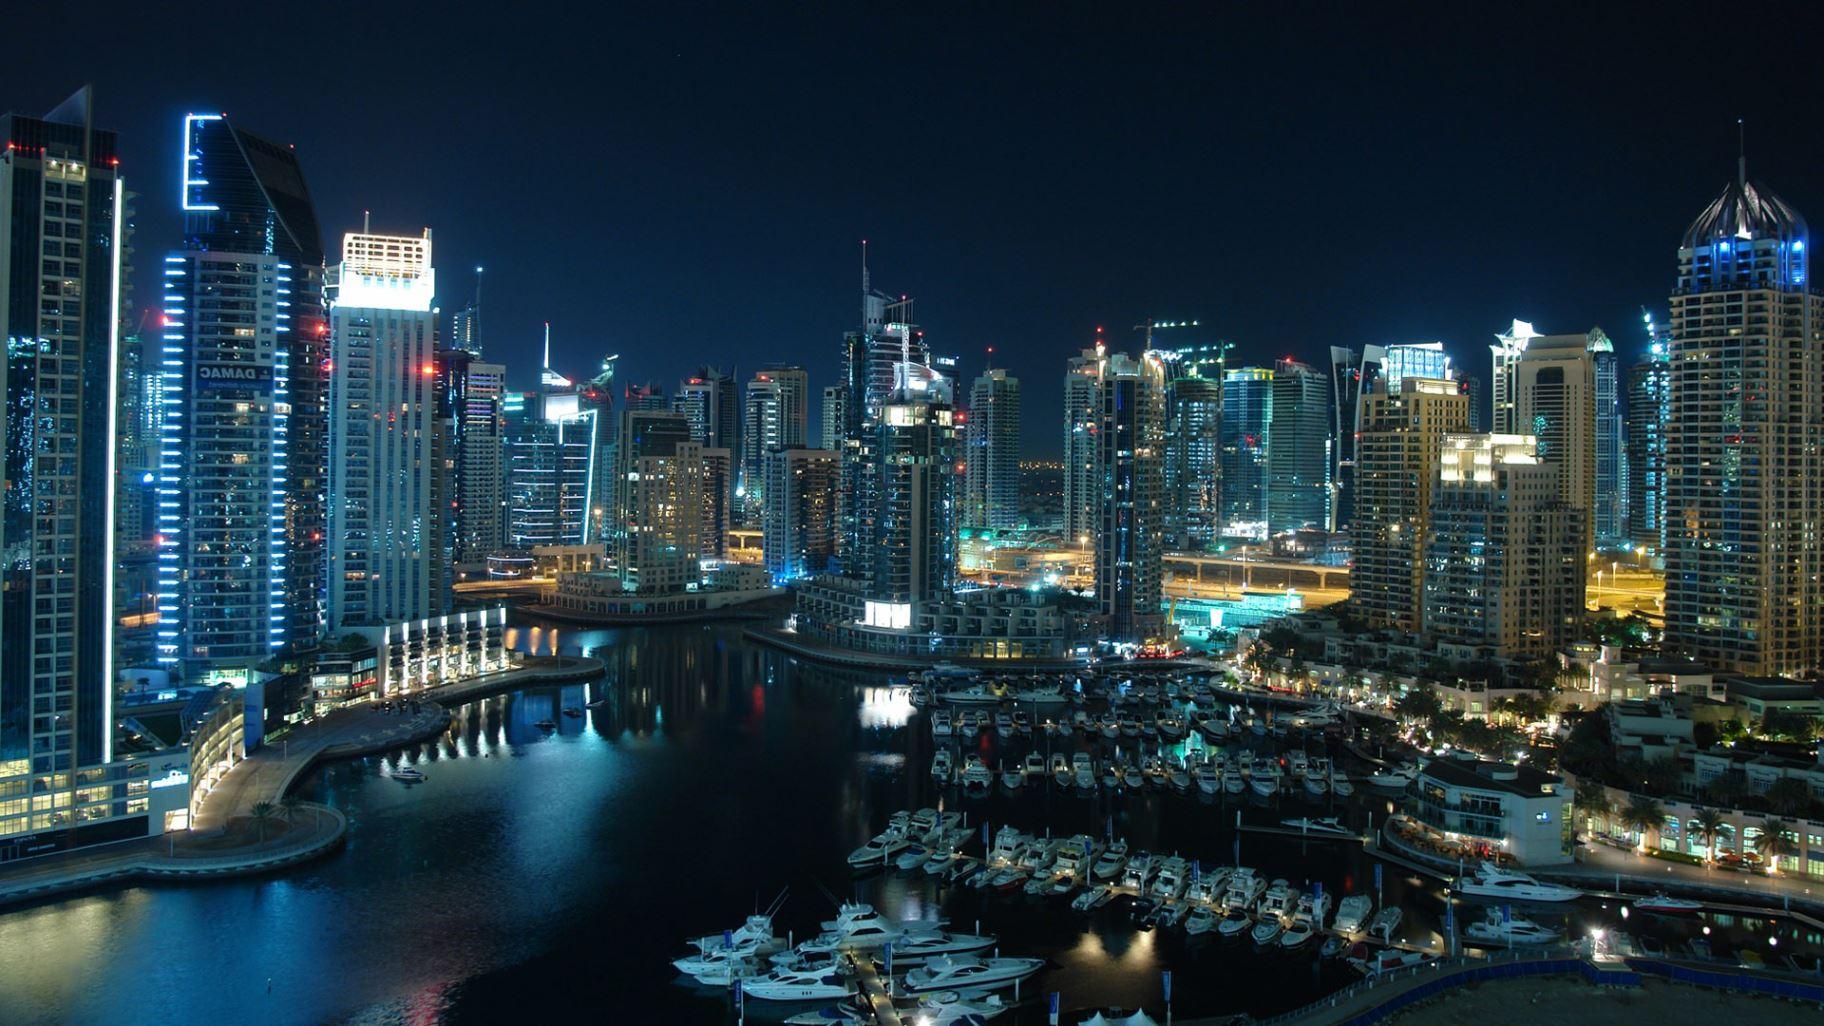 Отвоёвывая пустыню: обновление районов Дубая